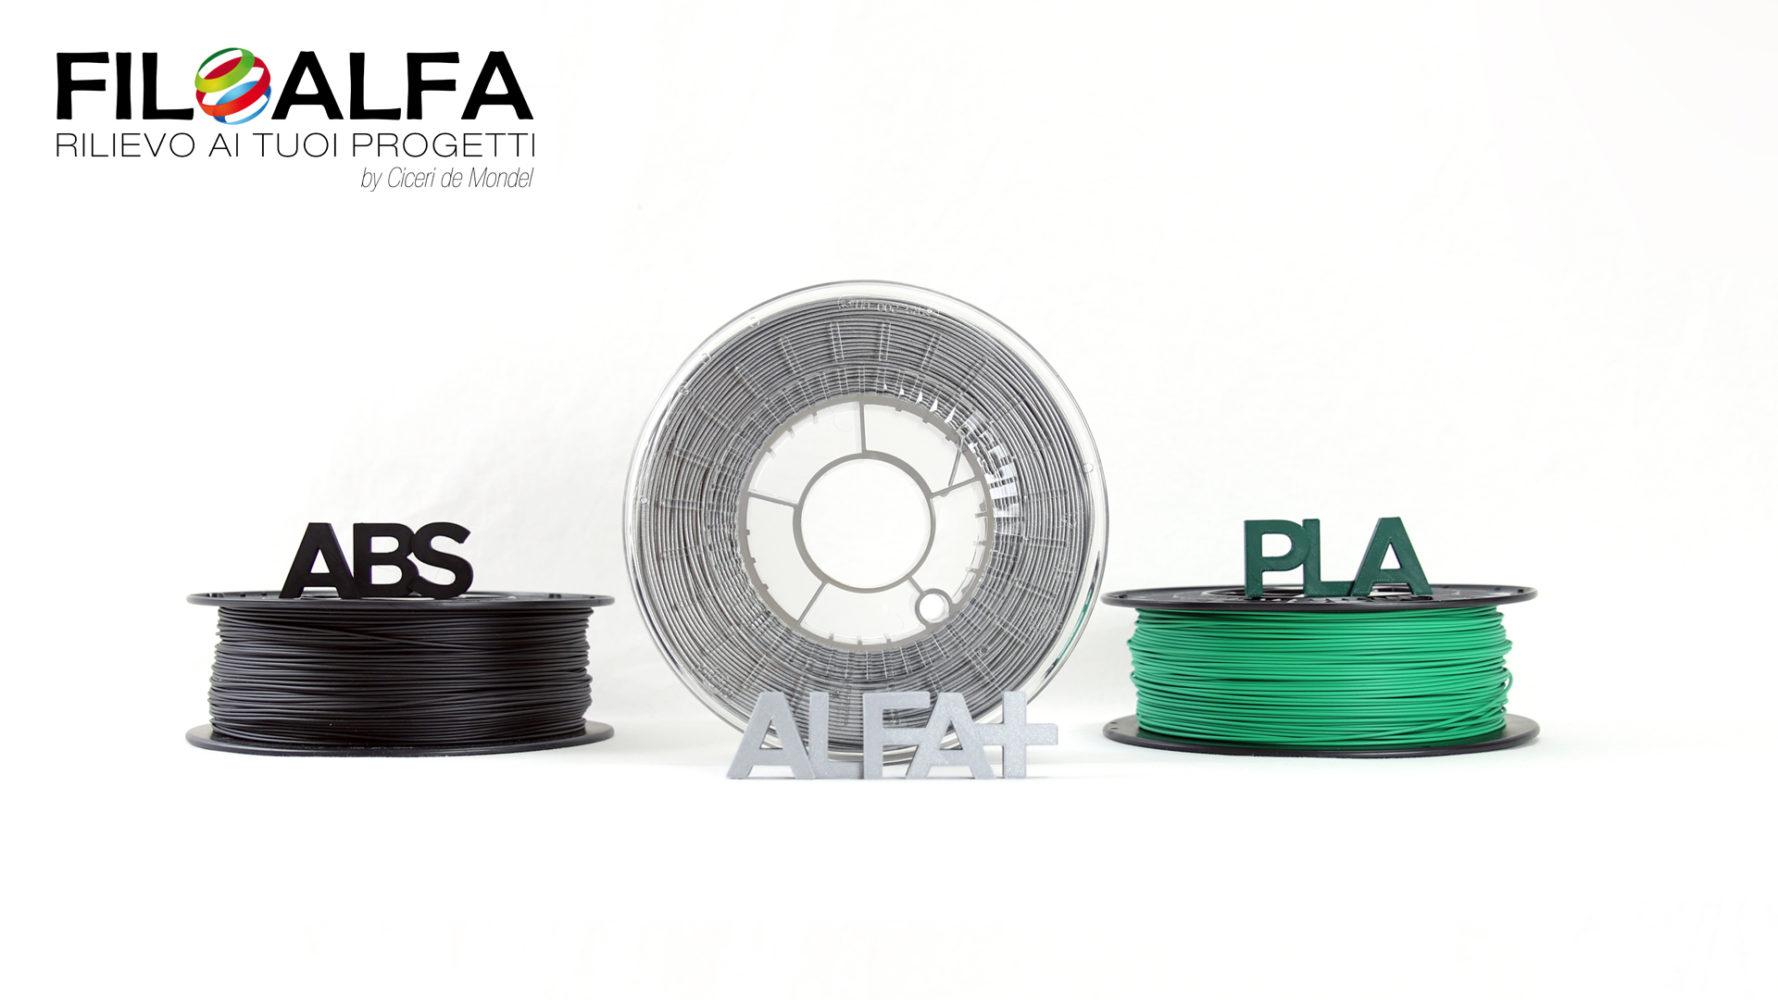 Alfa+ ADV - Brignetti Longoni Design Studio - Polimero, filamento, alfaplus, stampa 3D, Filoalfa, campagna, comunicazione, promozione, allestimenti, fiere, cartaceo, flyer, brochure, riviste, pubblicità, video, infografiche, social.